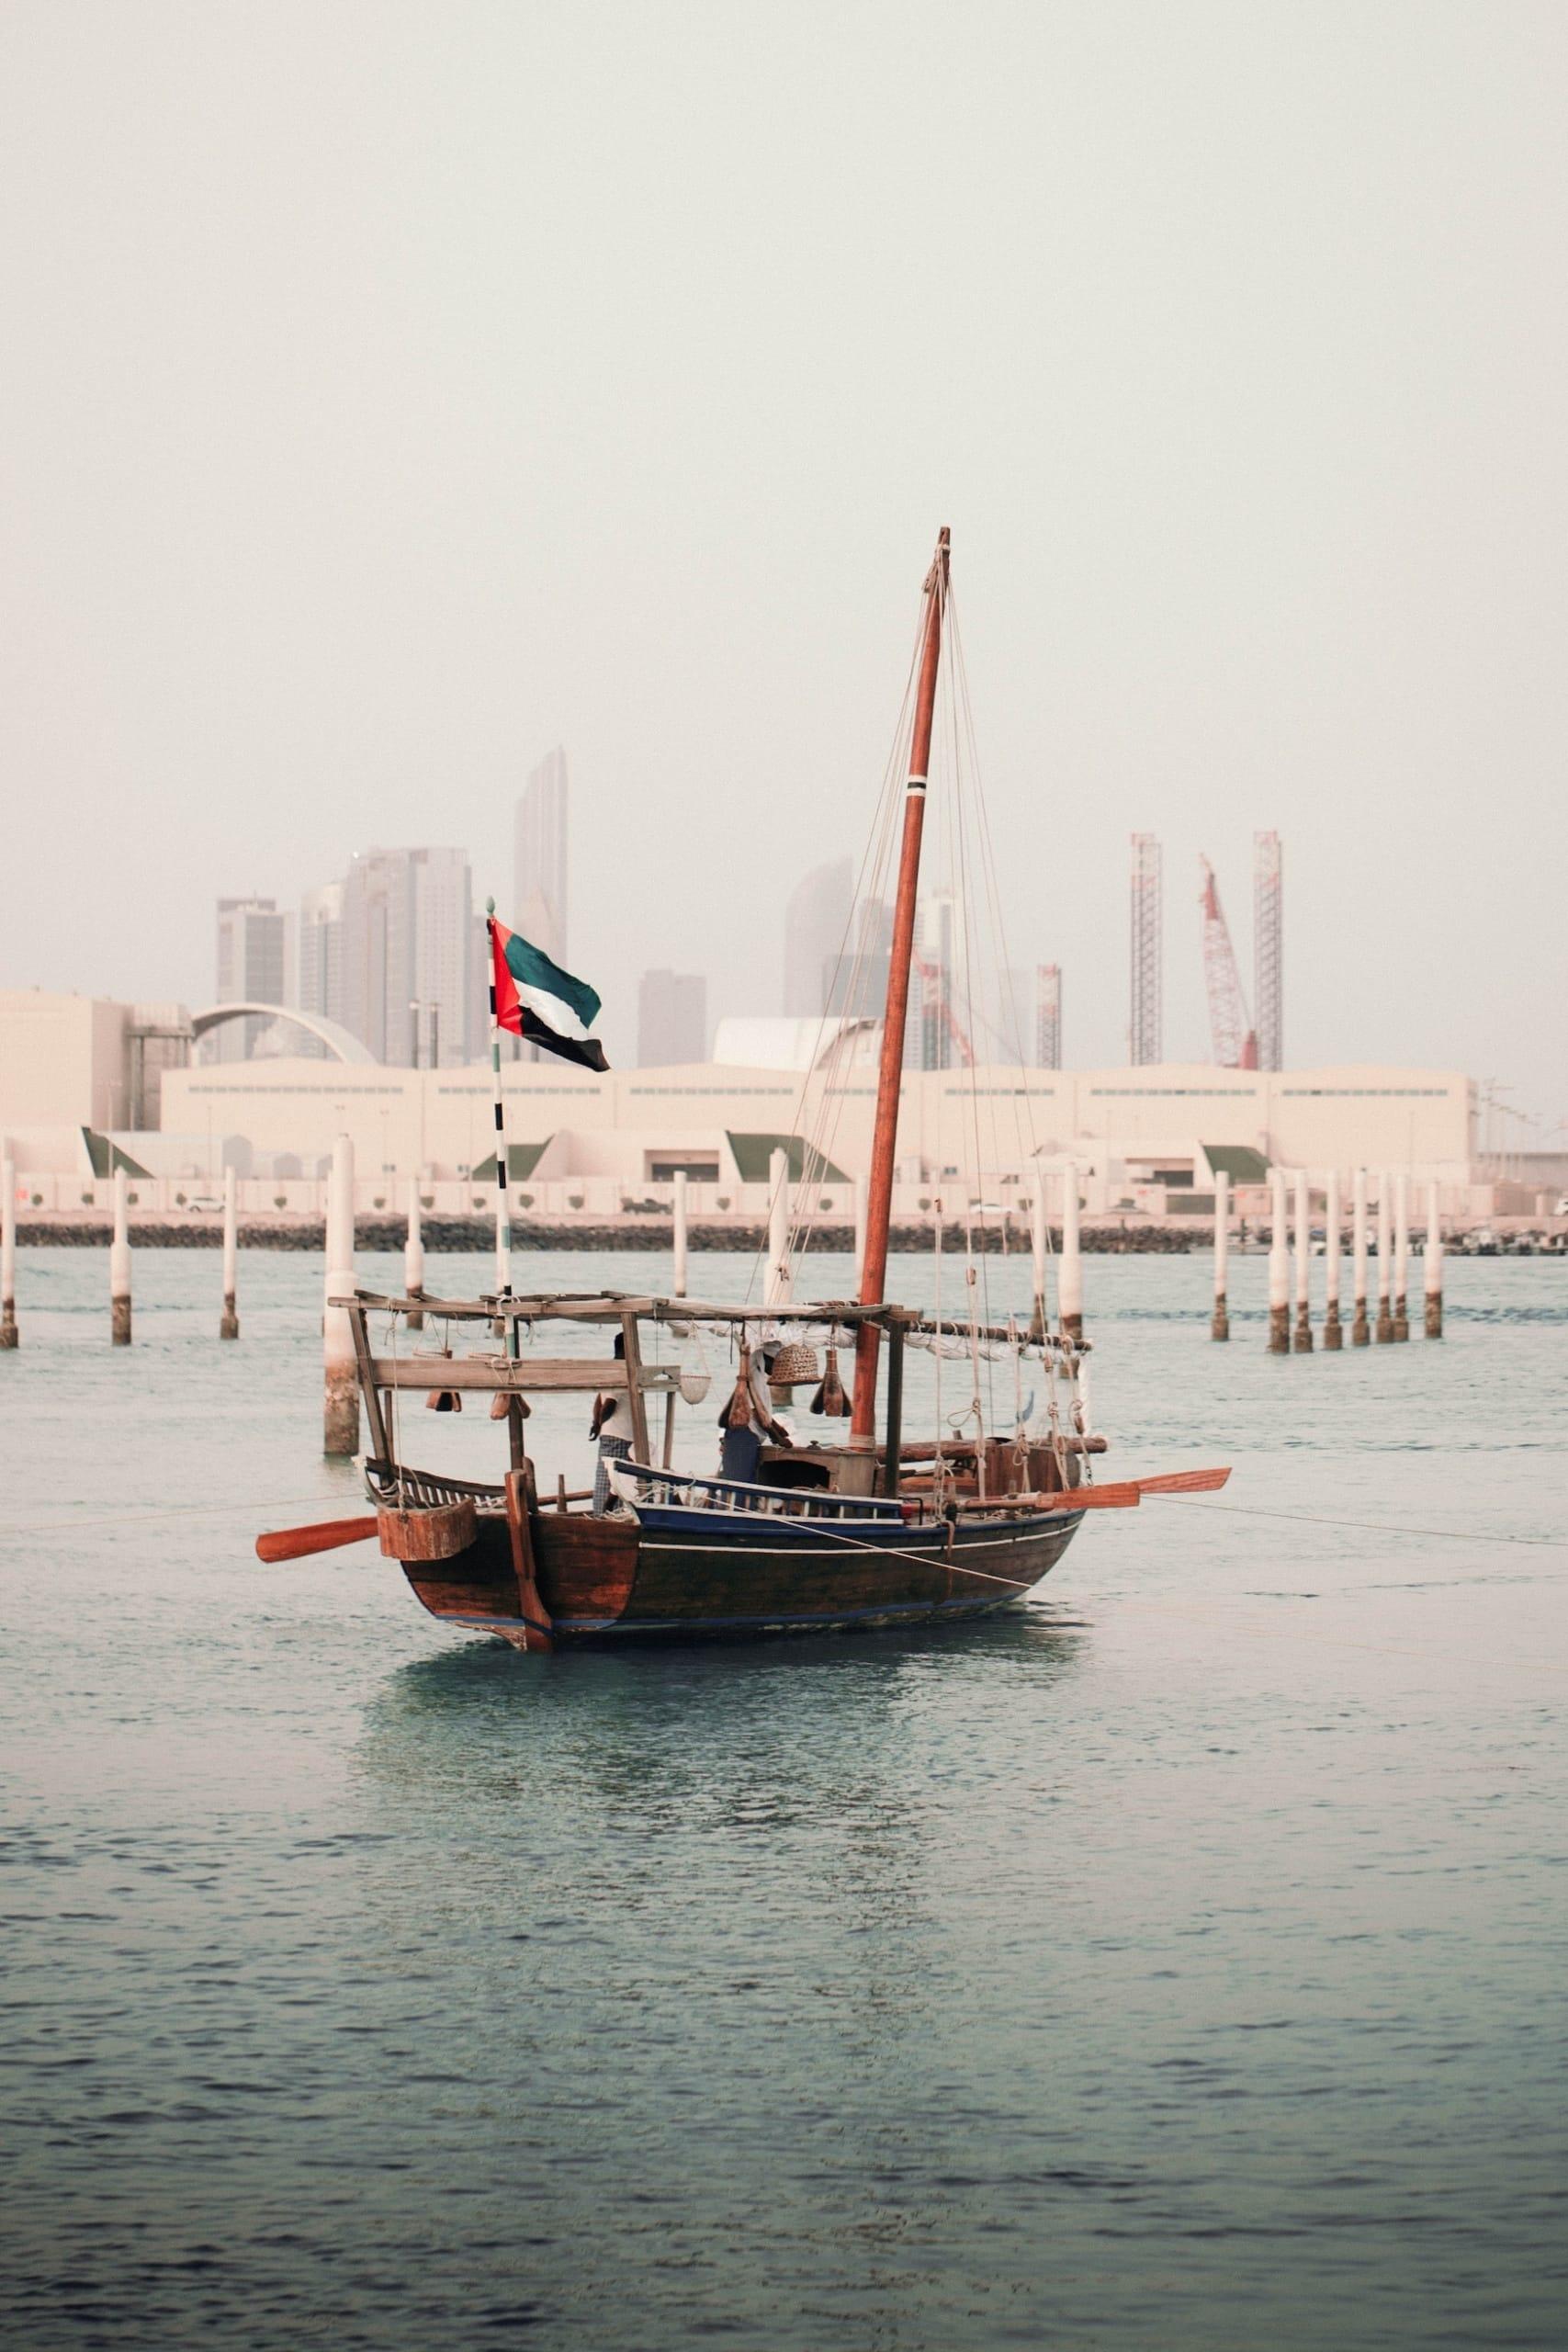 Traditionelle Dhau in Abu Dhabi, mit der die Fischer zum Perlfischen fahren